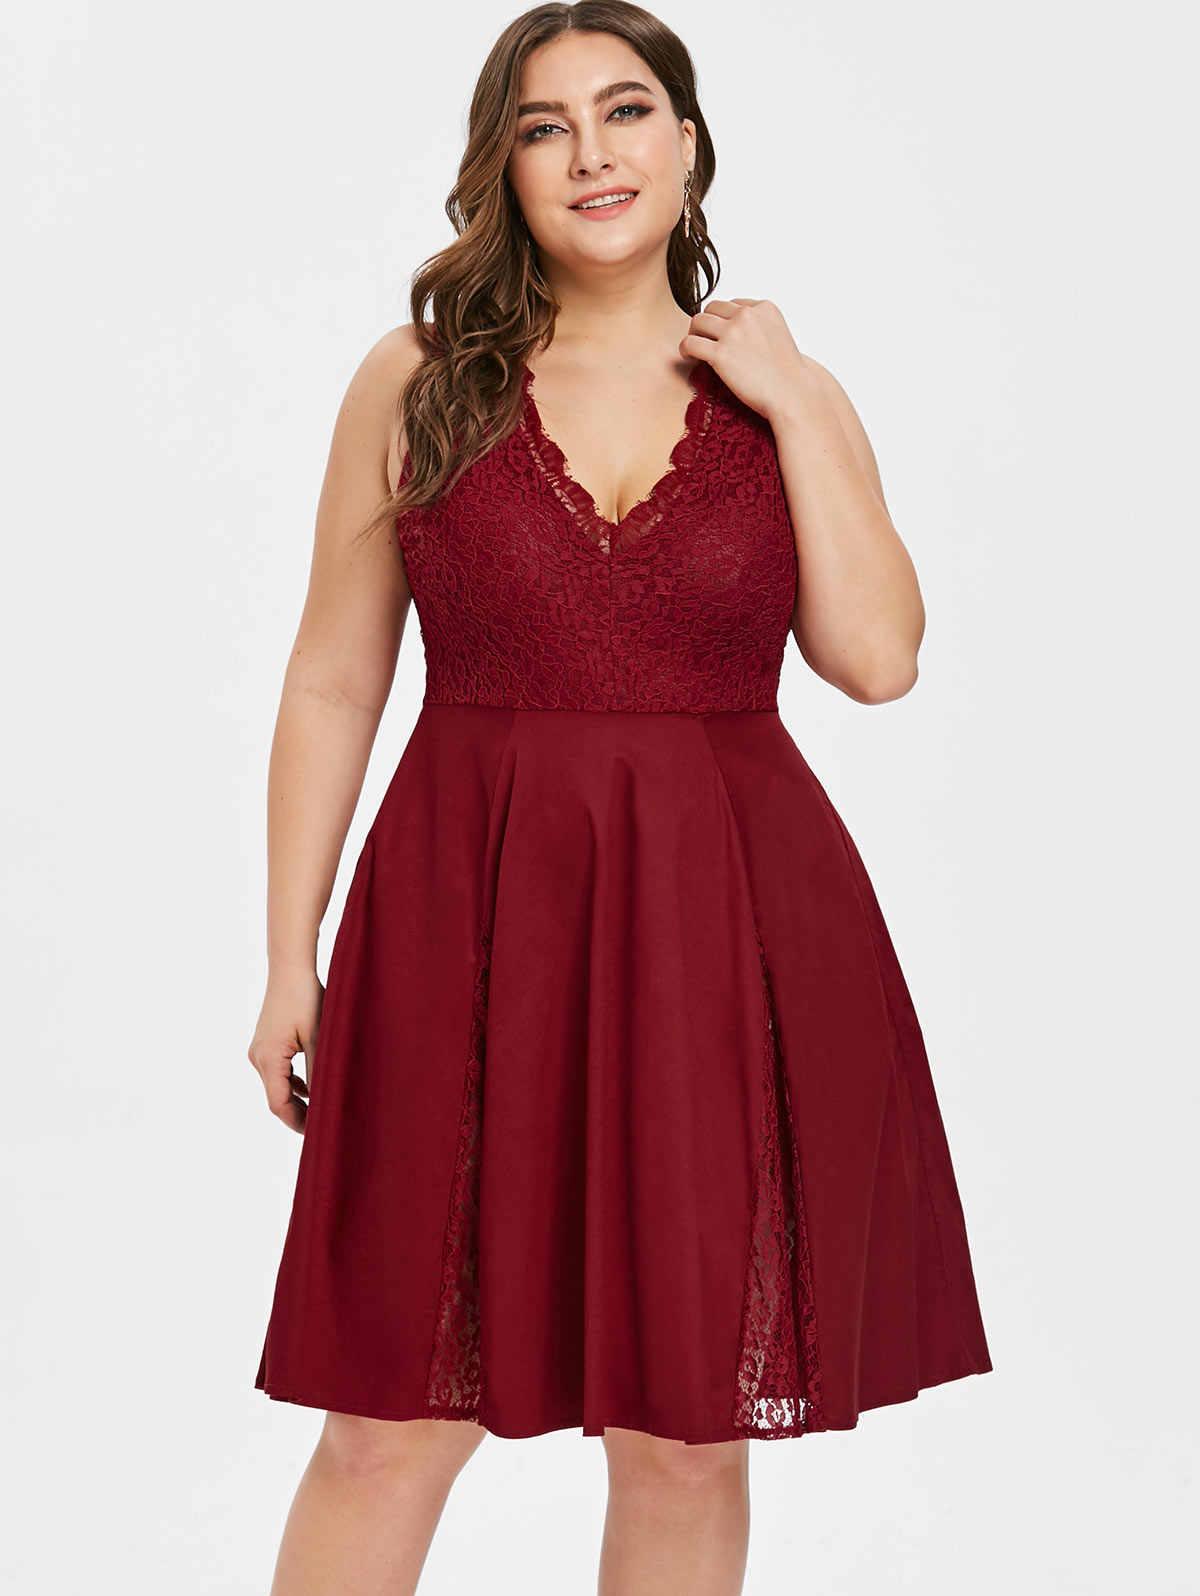 Фото Wipalo плюс размер винтажное платье для женщин ресницы кружева панель V шеи вечернее